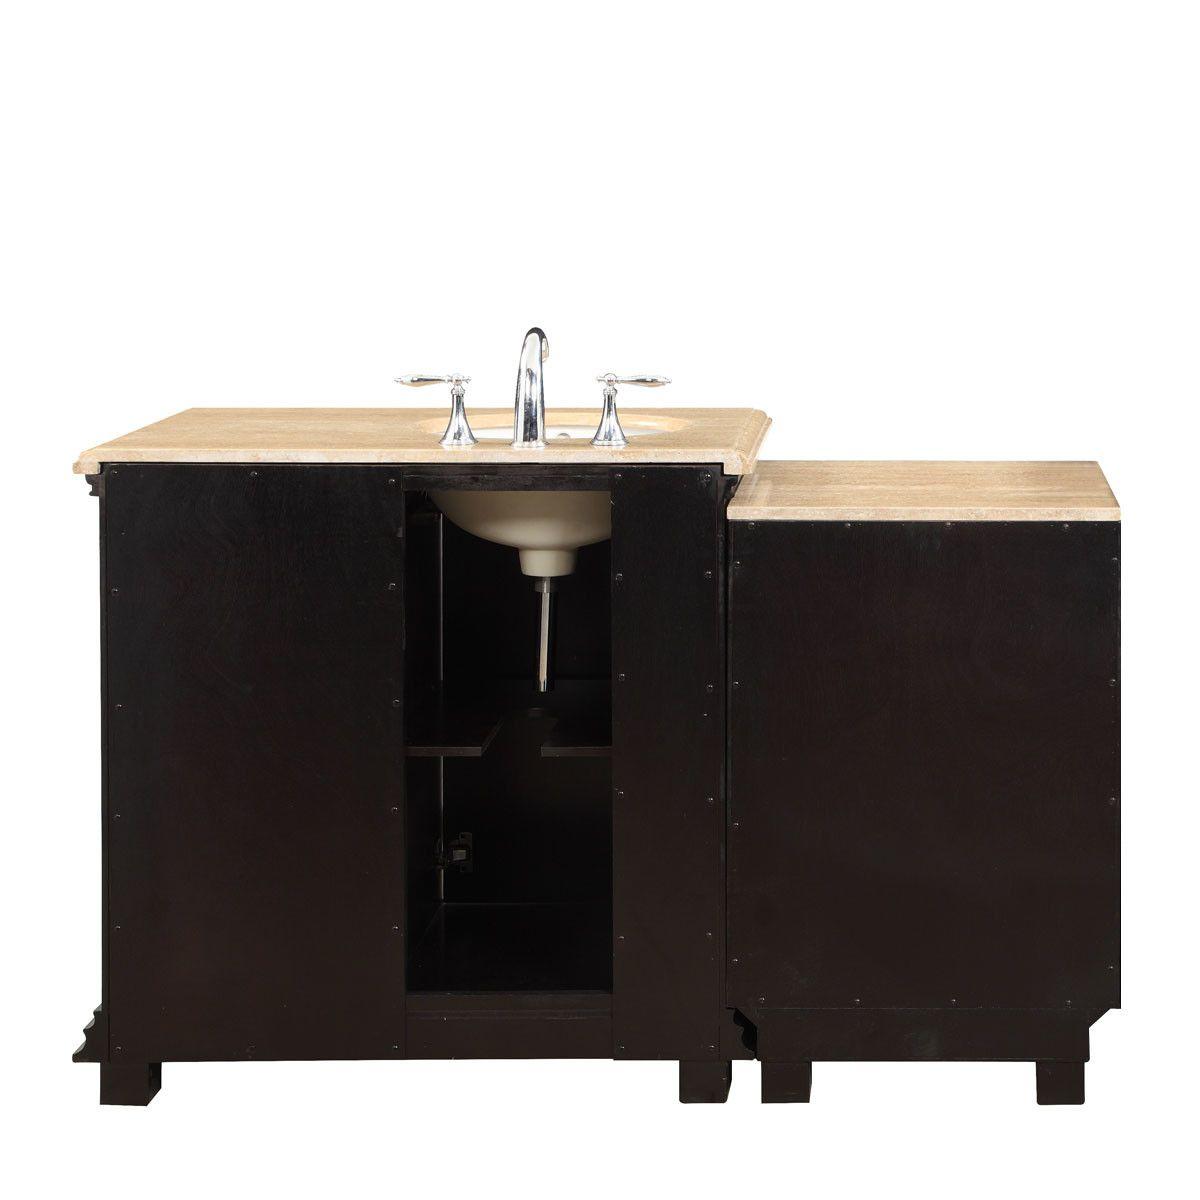 bathroom vanity top right side sink | ideas | pinterest | vanity